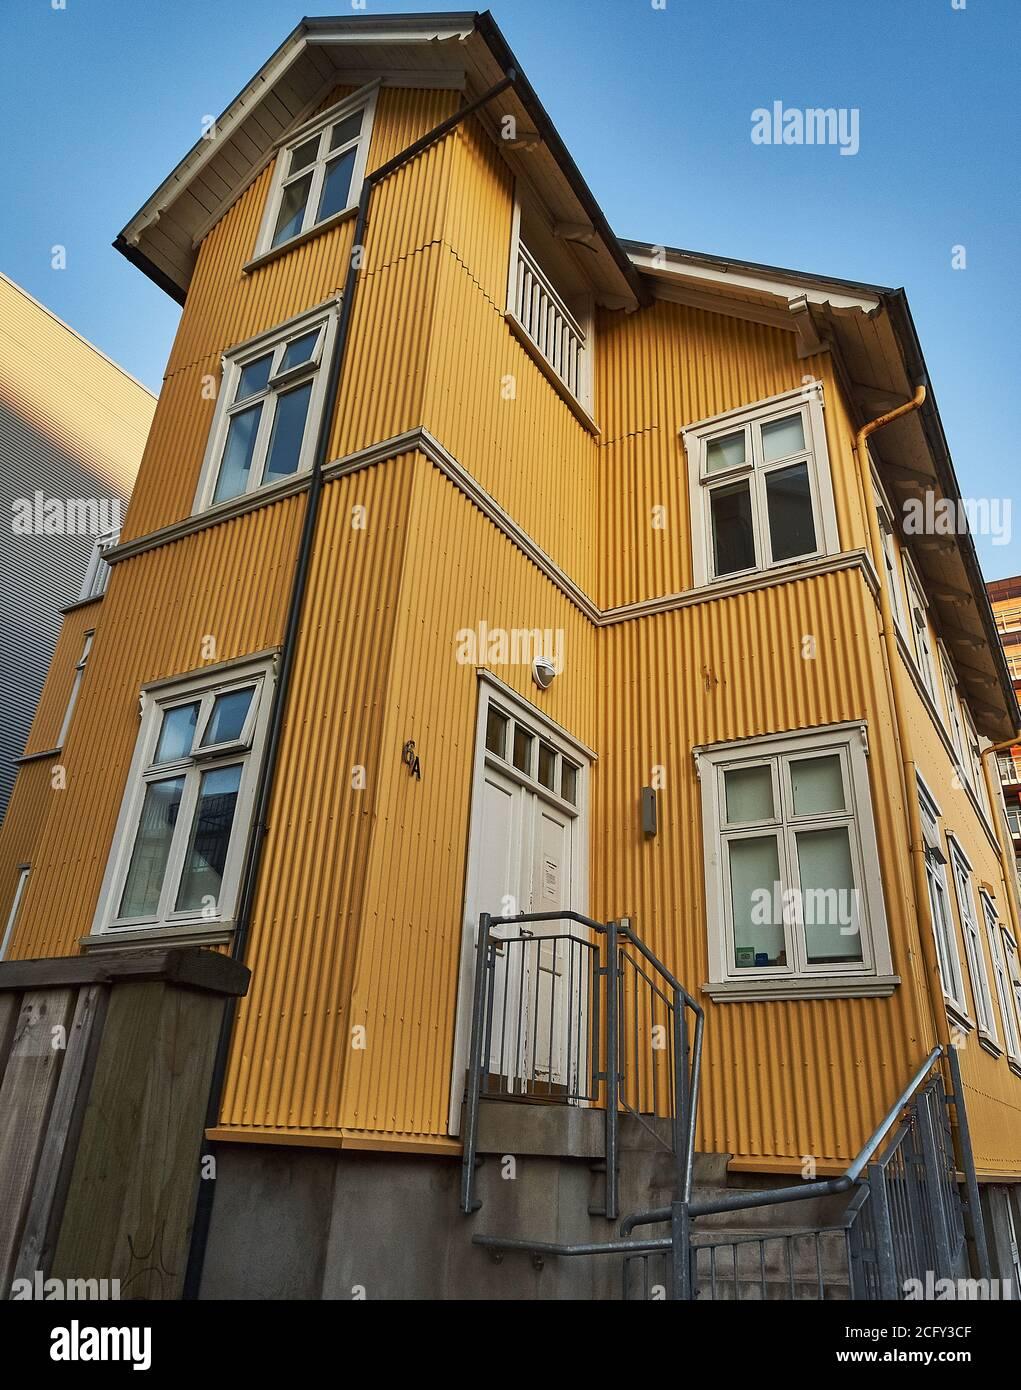 Casas típicas en el centro de Reykjavik, Islandia Foto de stock